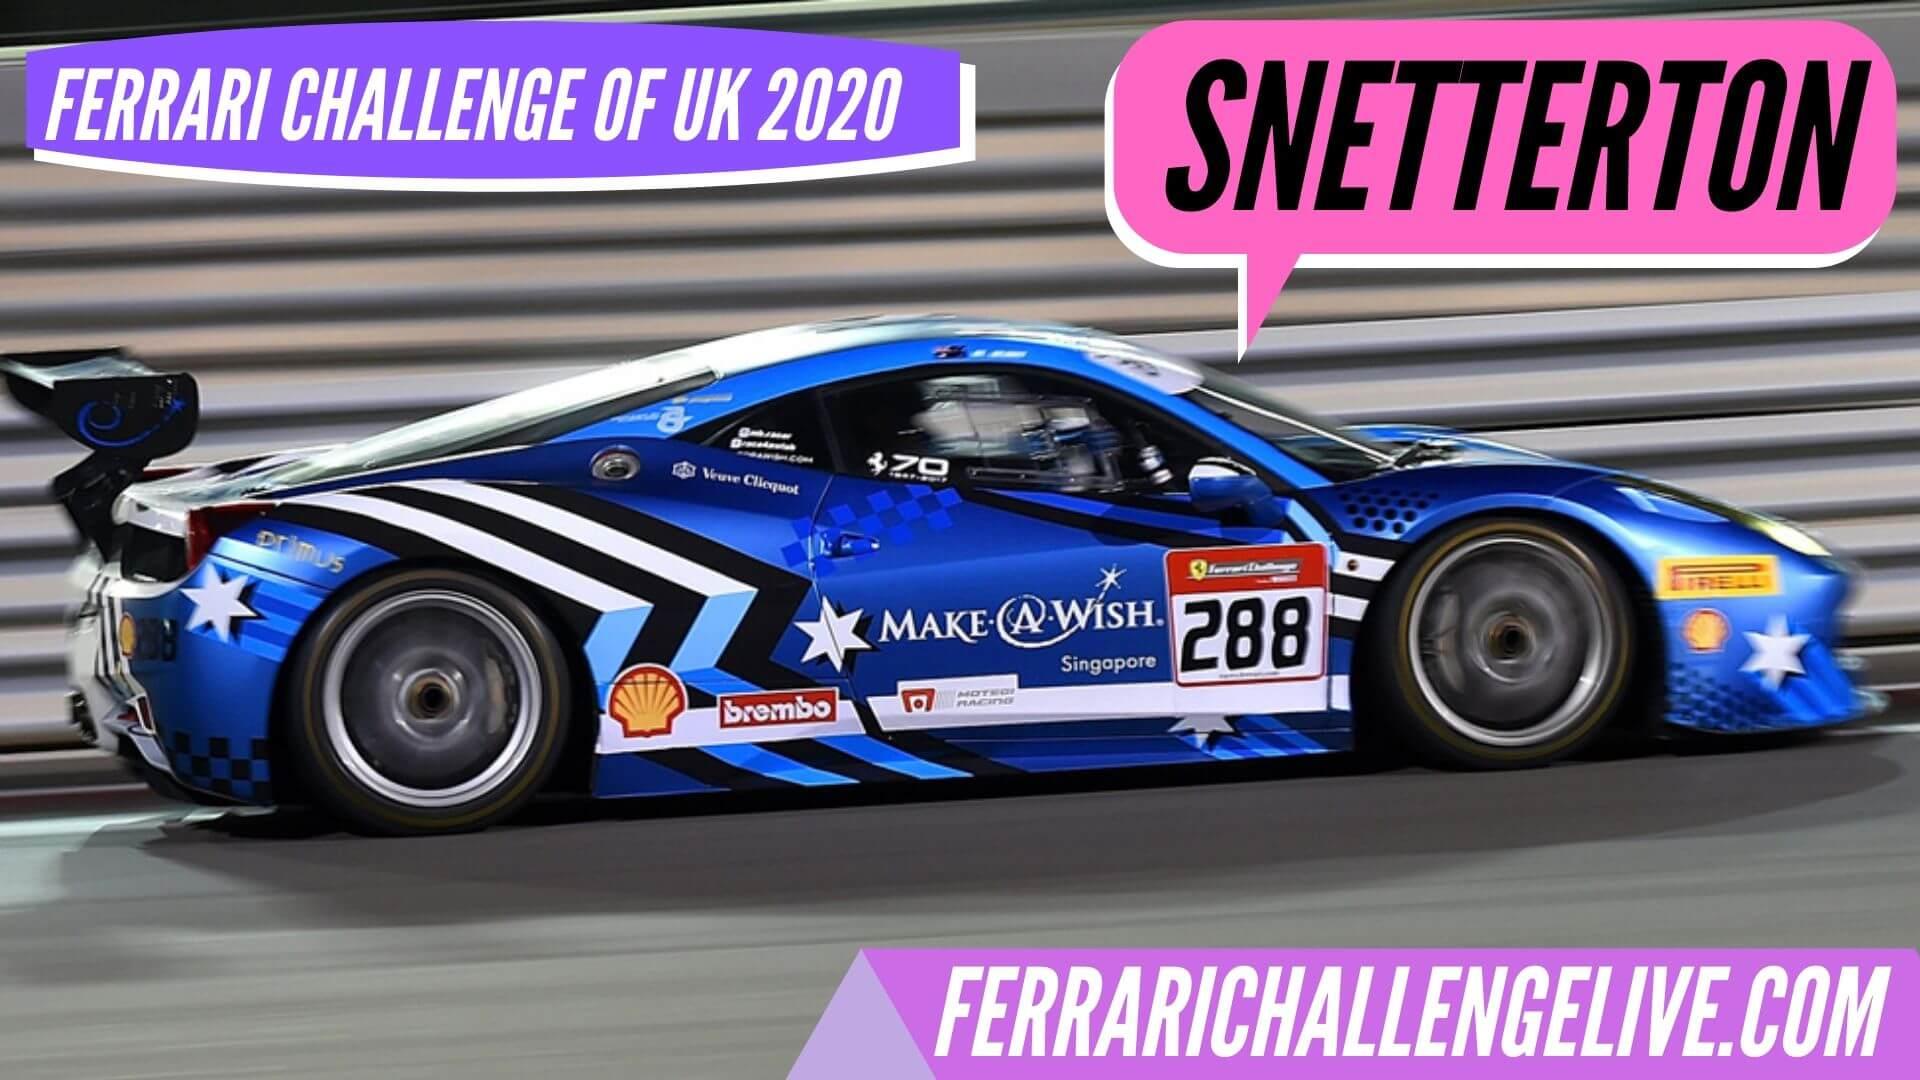 Snetterton 300 Live Stream 2020 | Ferrari Challenge UK